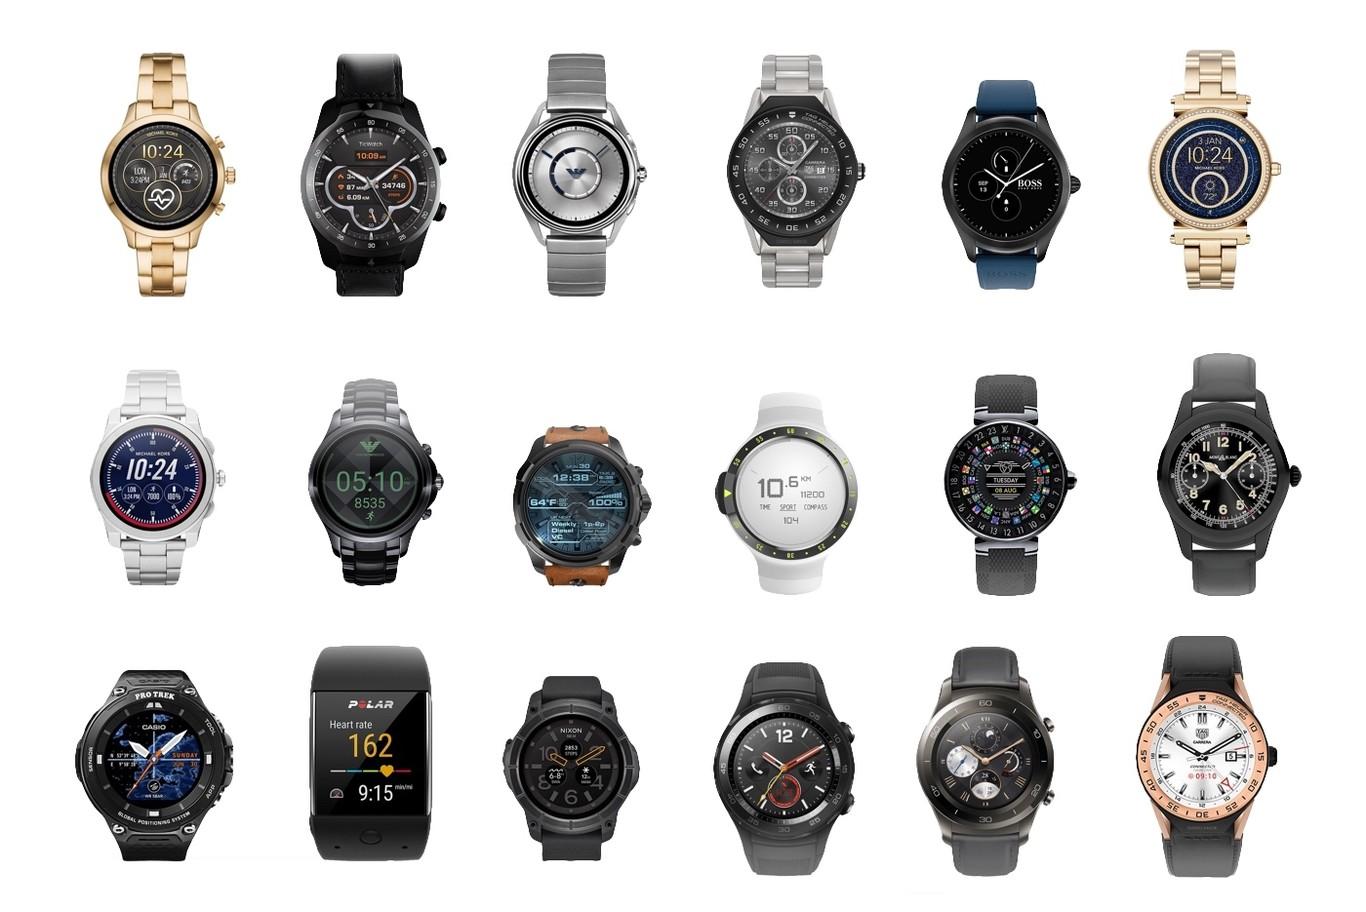 Estado de Wear OS: una comparativa de todos los relojes